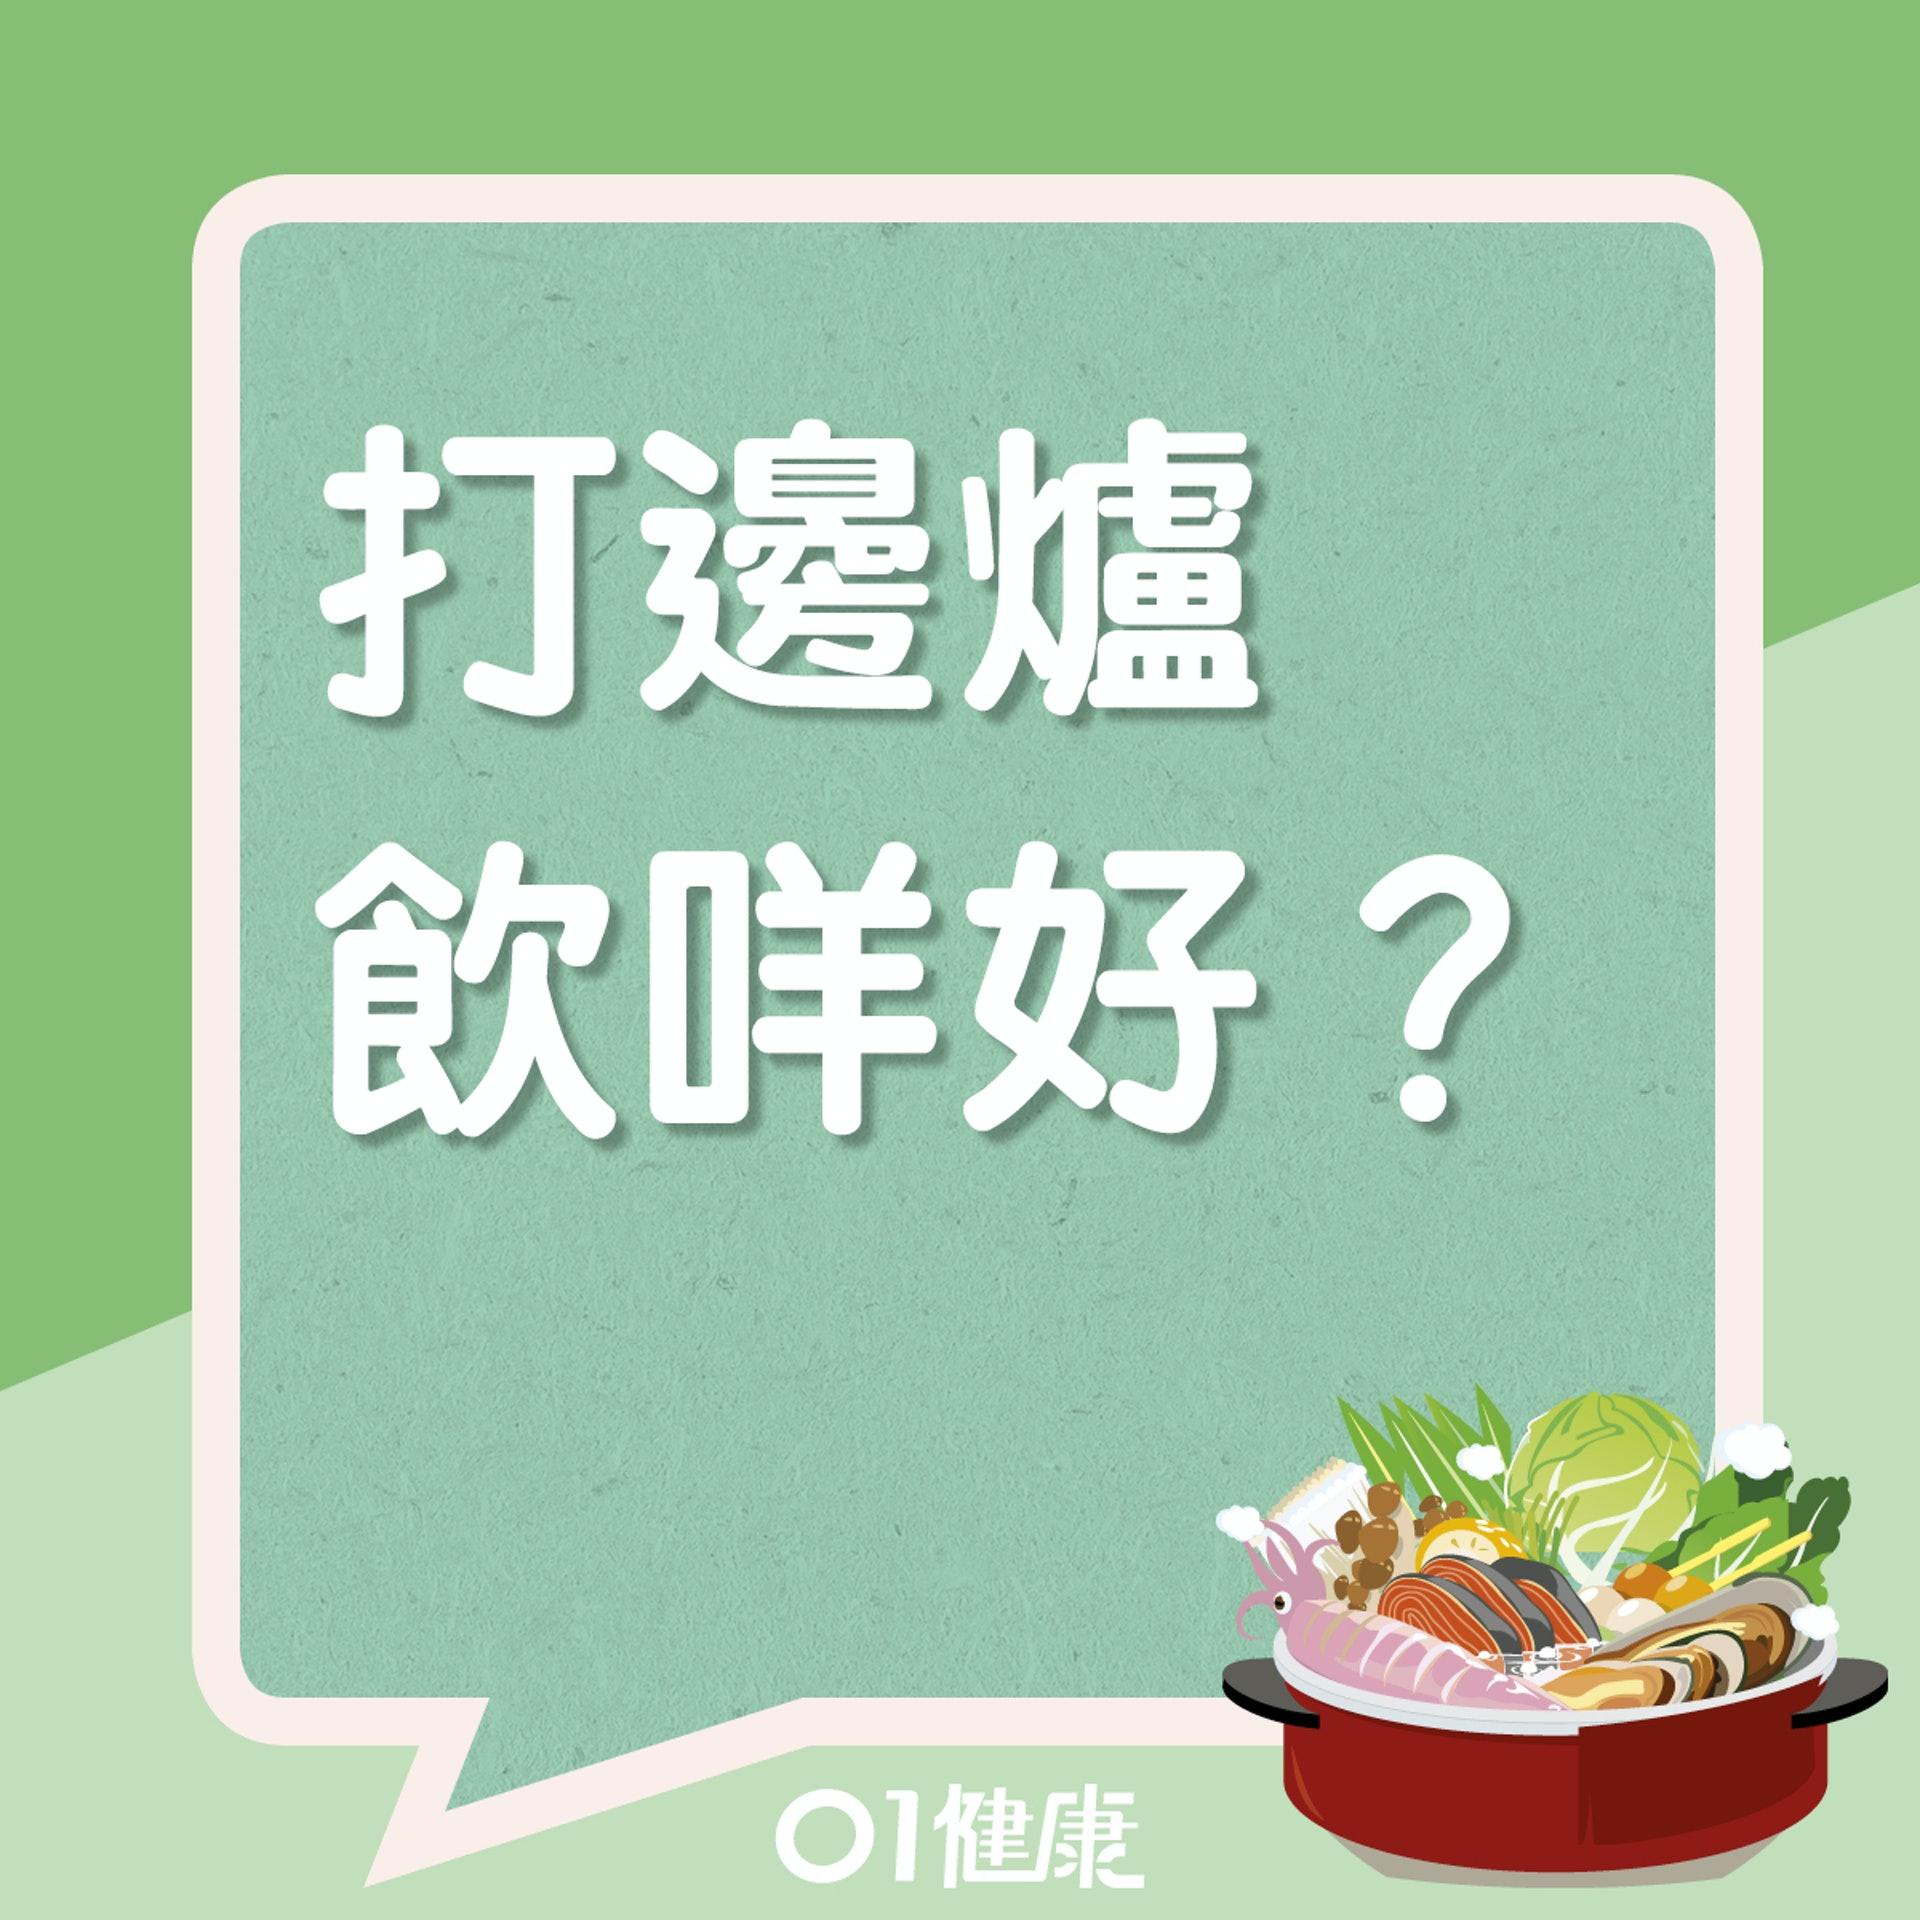 桂花烏龍茶(01製圖)